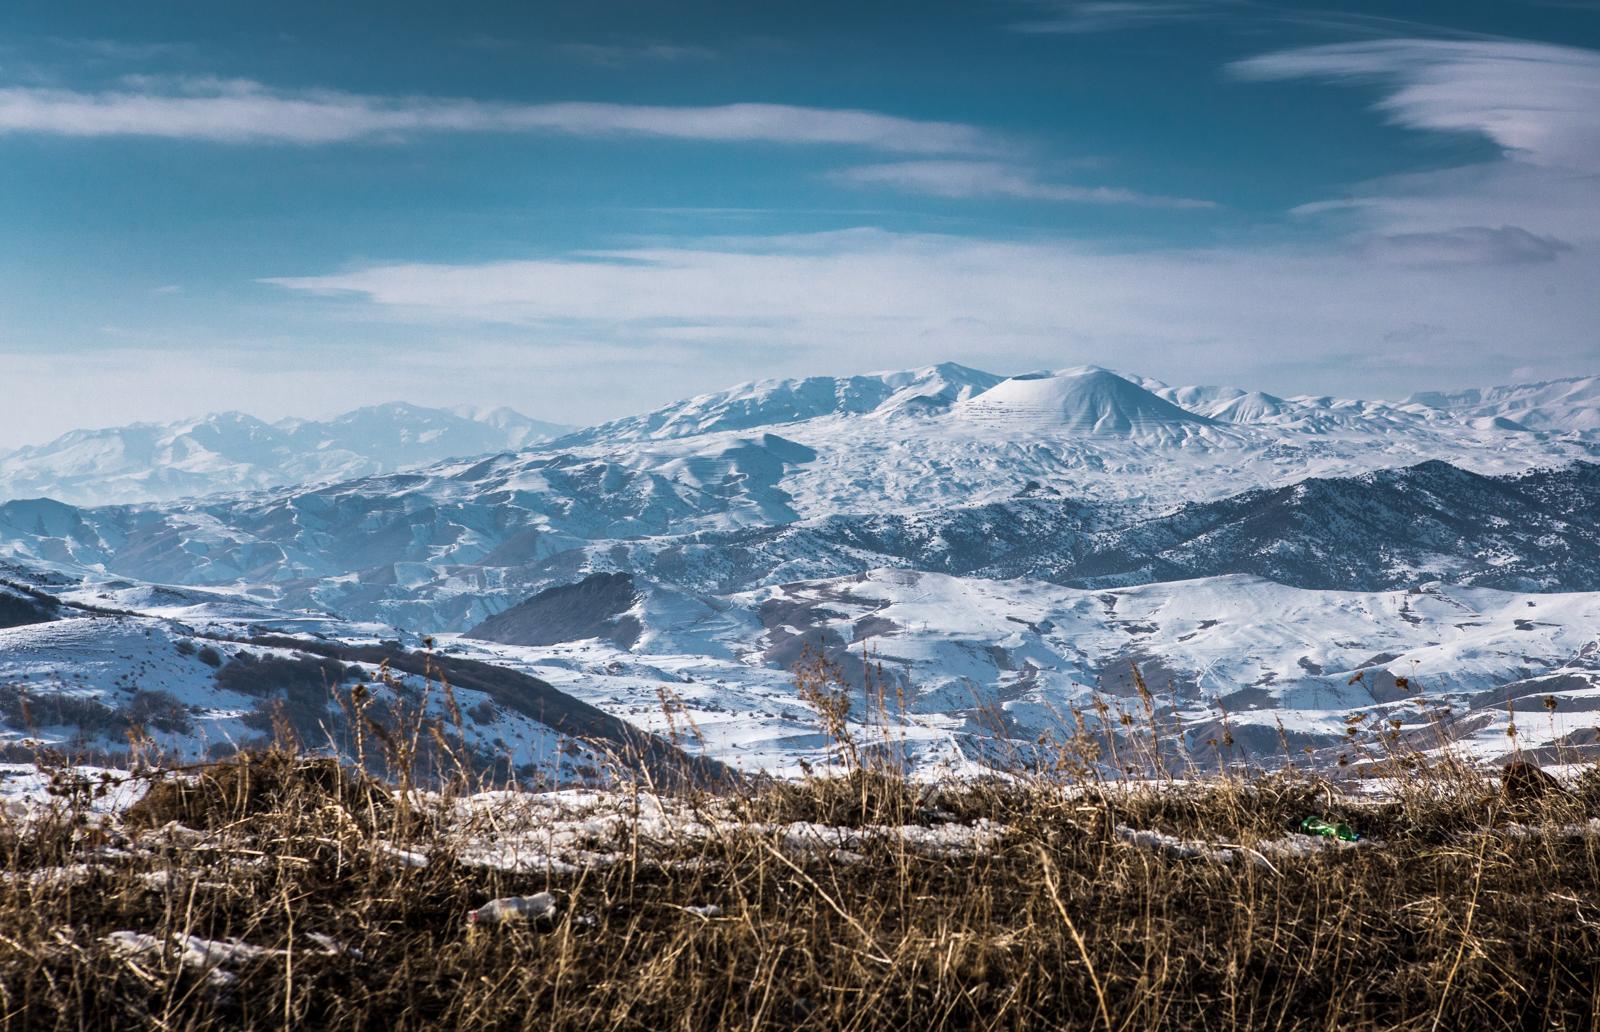 Фотогеничная Армения: еда, вулканы, скитур (отчет)